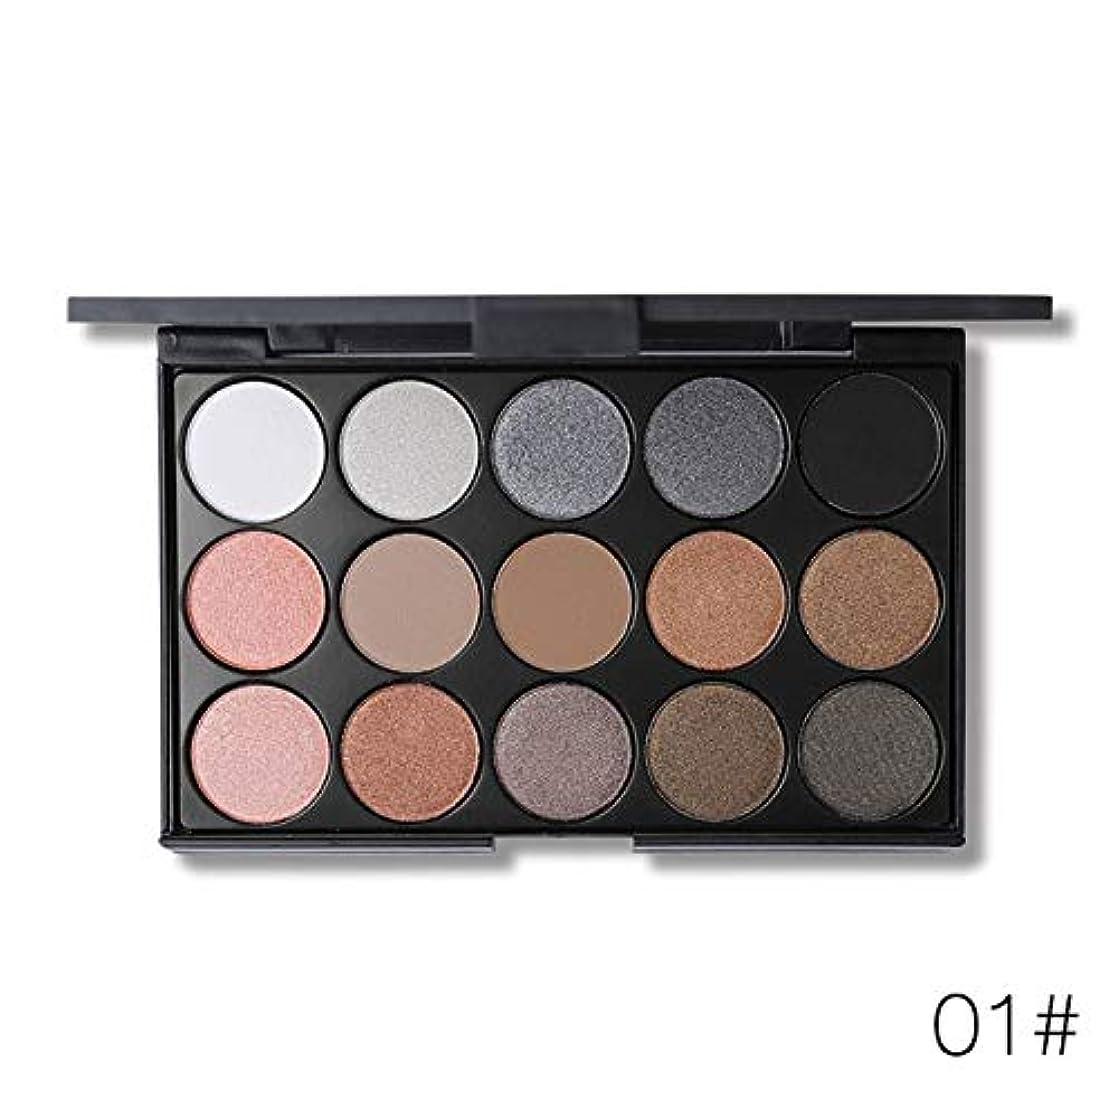 健康と美容アイシャドウ シマーマットアイシャドーパレットメイクアップキットピグメントグリッターアイシャドーヌードスモーキーパレット化粧品(E15_1(2#)) 化粧 (色 : E15_1(2#))